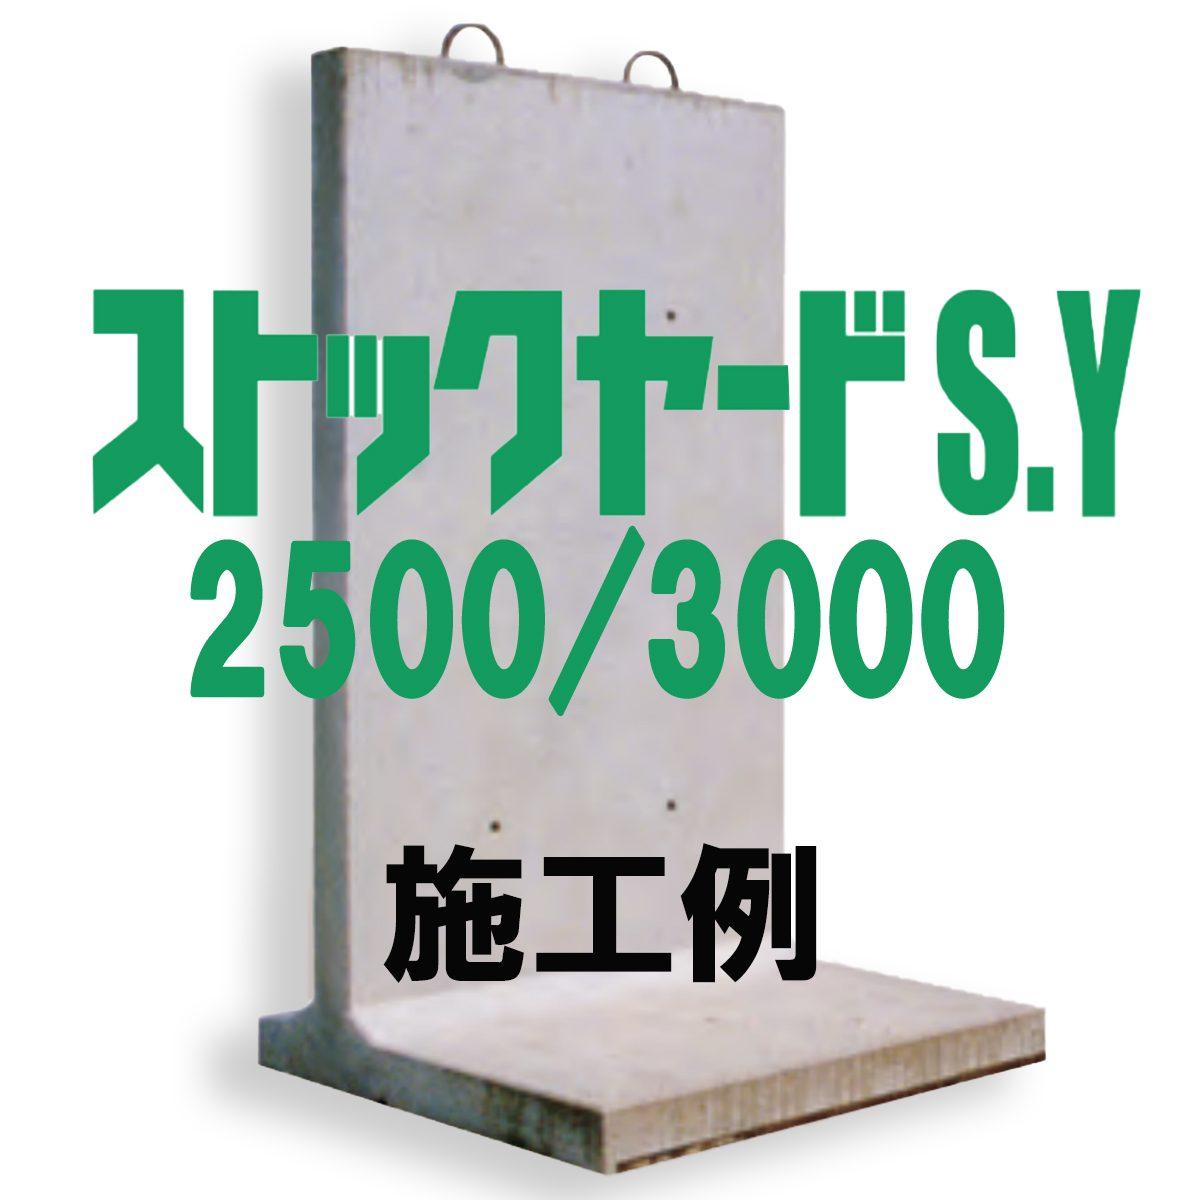 施工例25003000